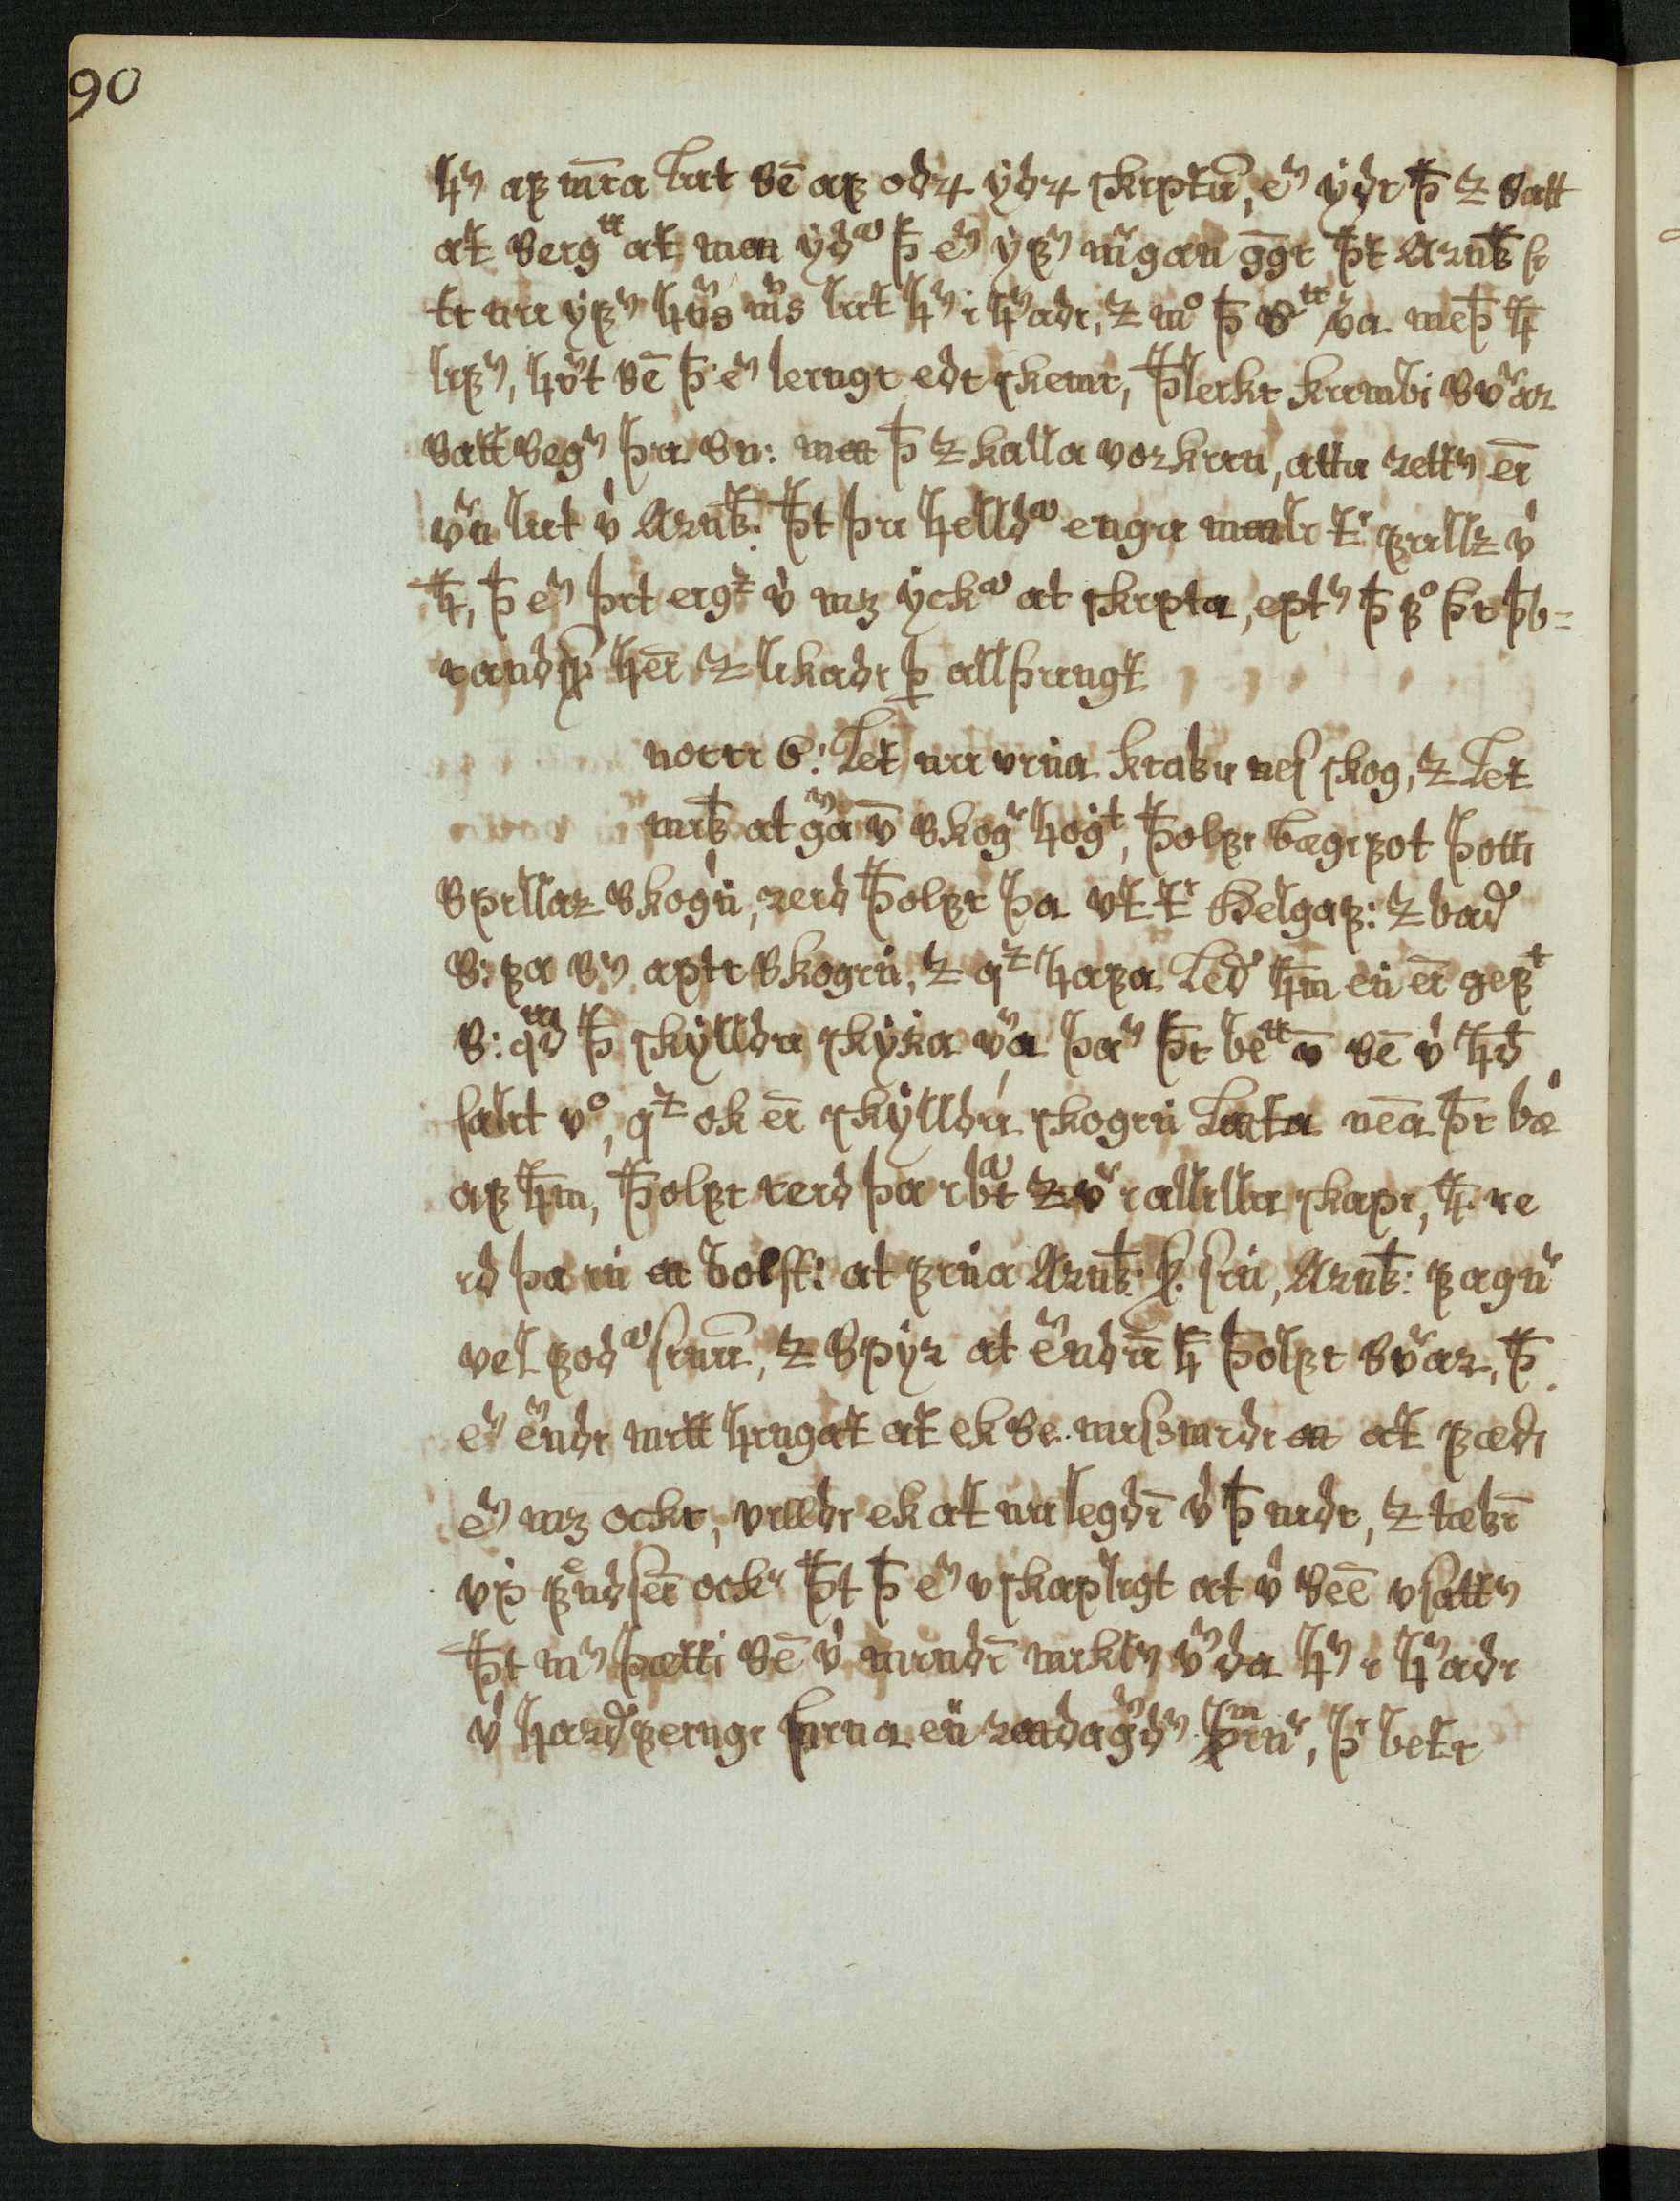 AM 448 4° - 45v